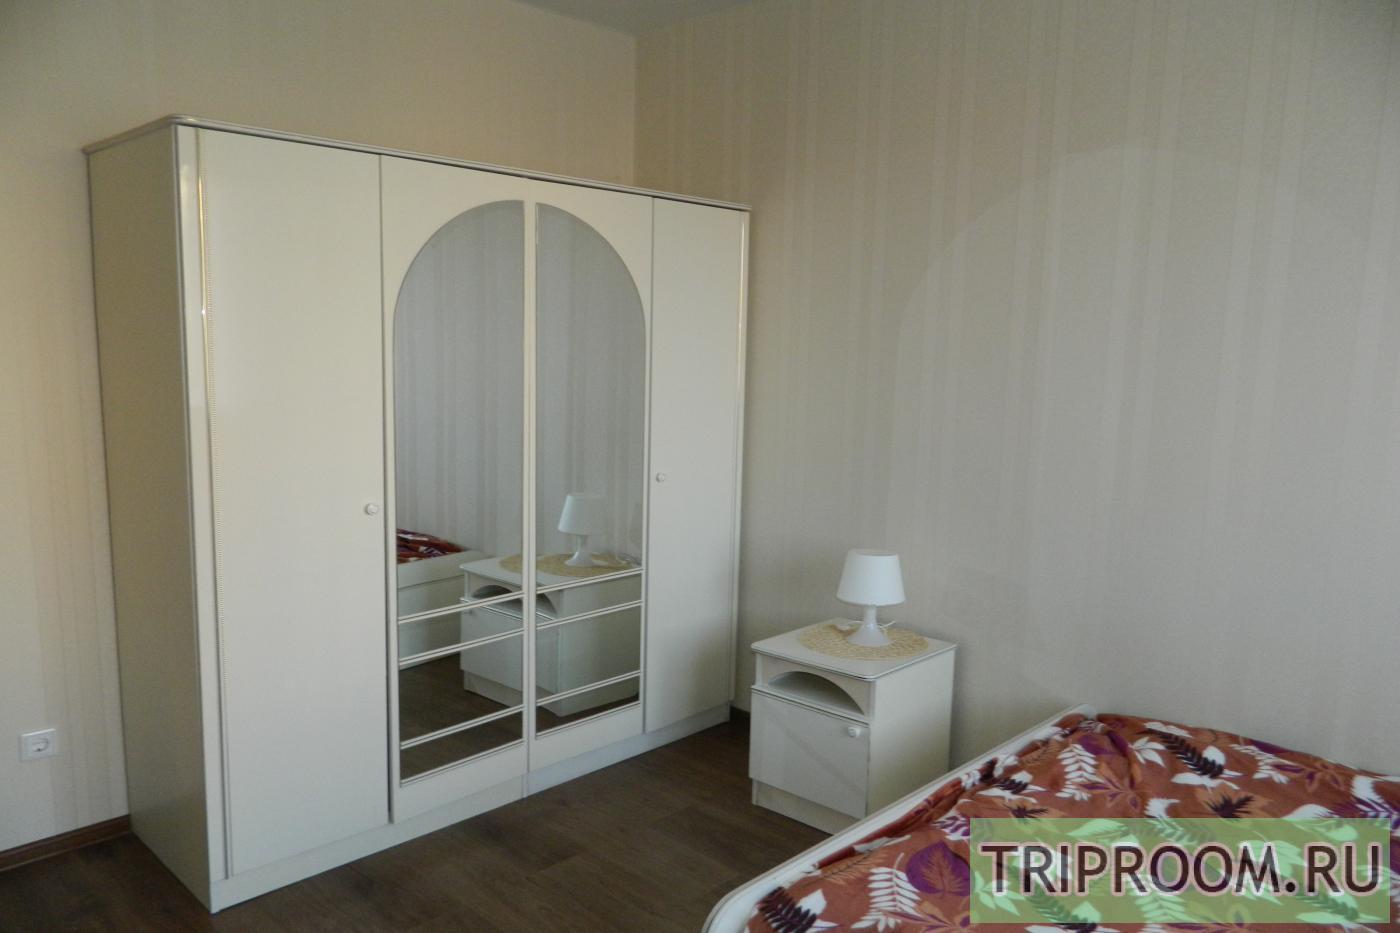 2-комнатная квартира посуточно (вариант № 10610), ул. Российская улица, фото № 4